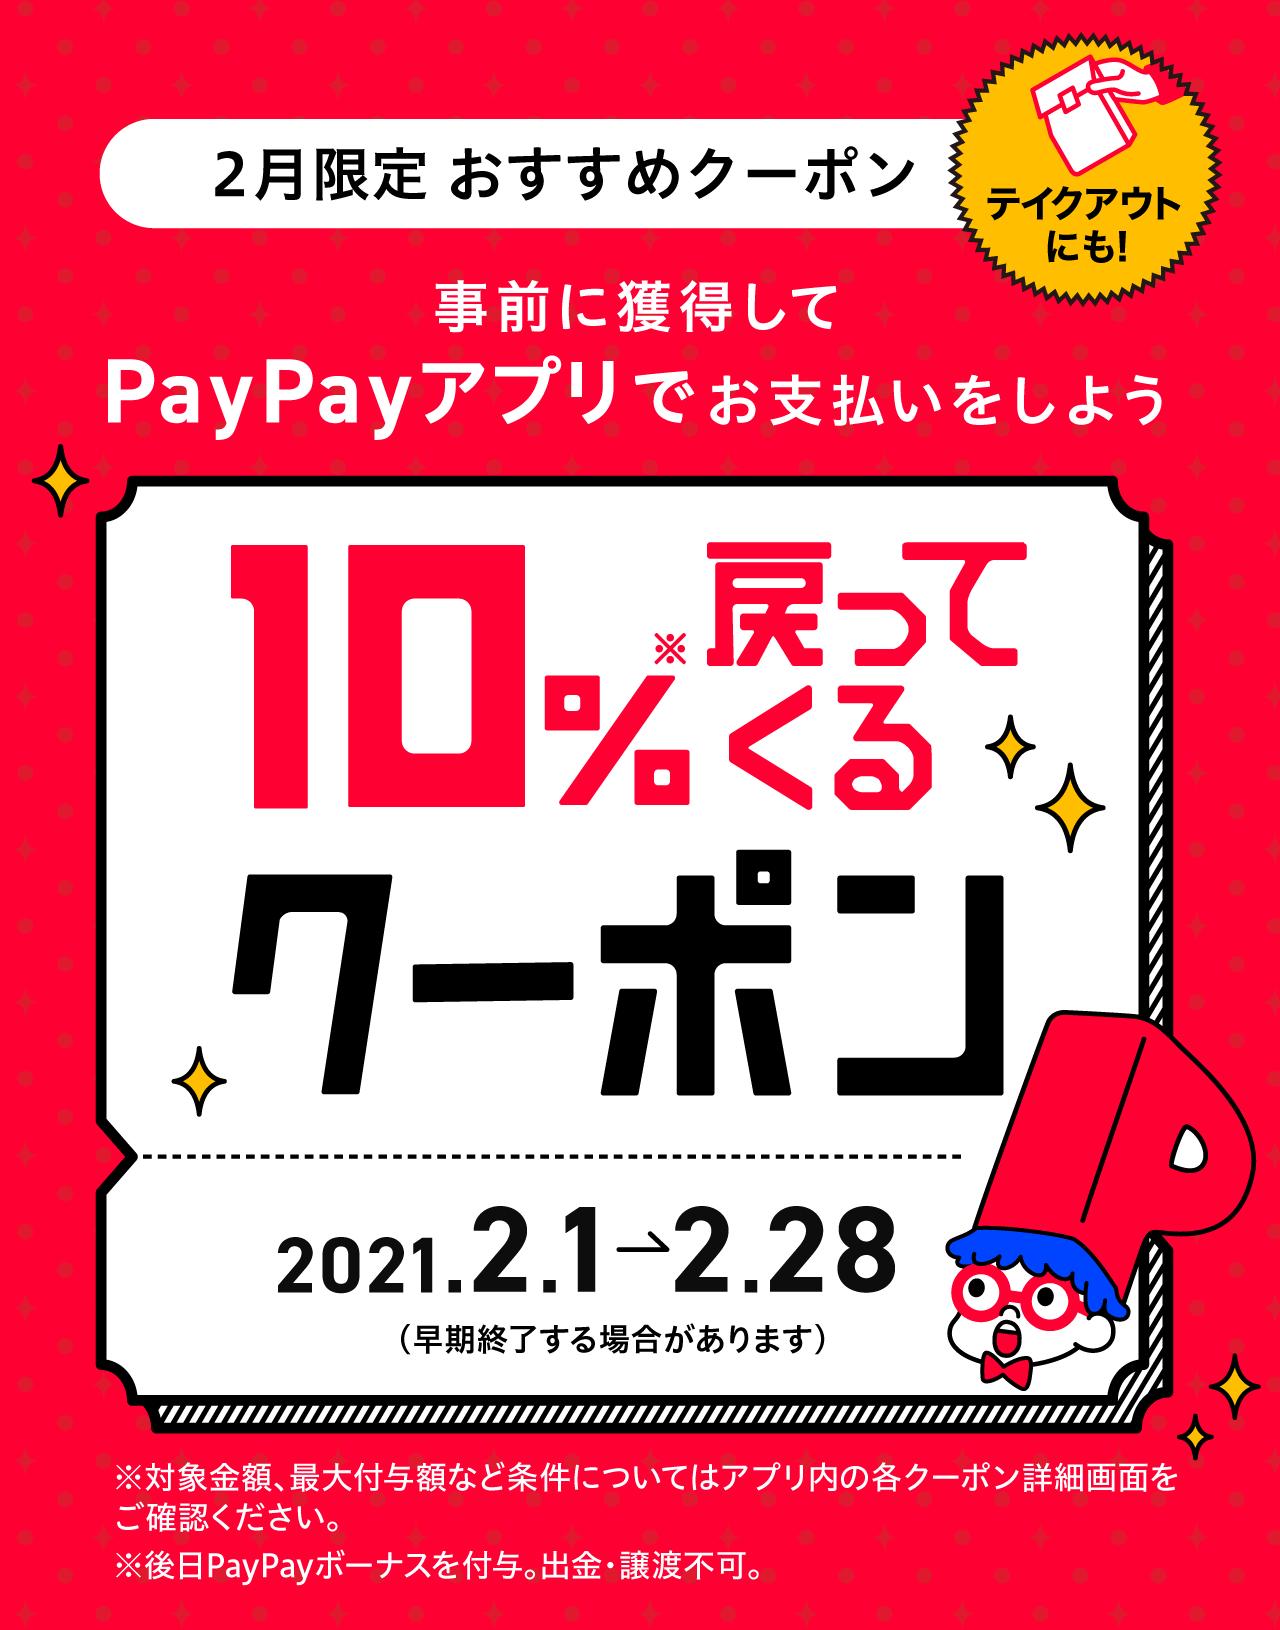 2月限定おすすめクーポン 事前に獲得してPayPayアプリでお支払いをしよう 10%戻ってくるクーポン